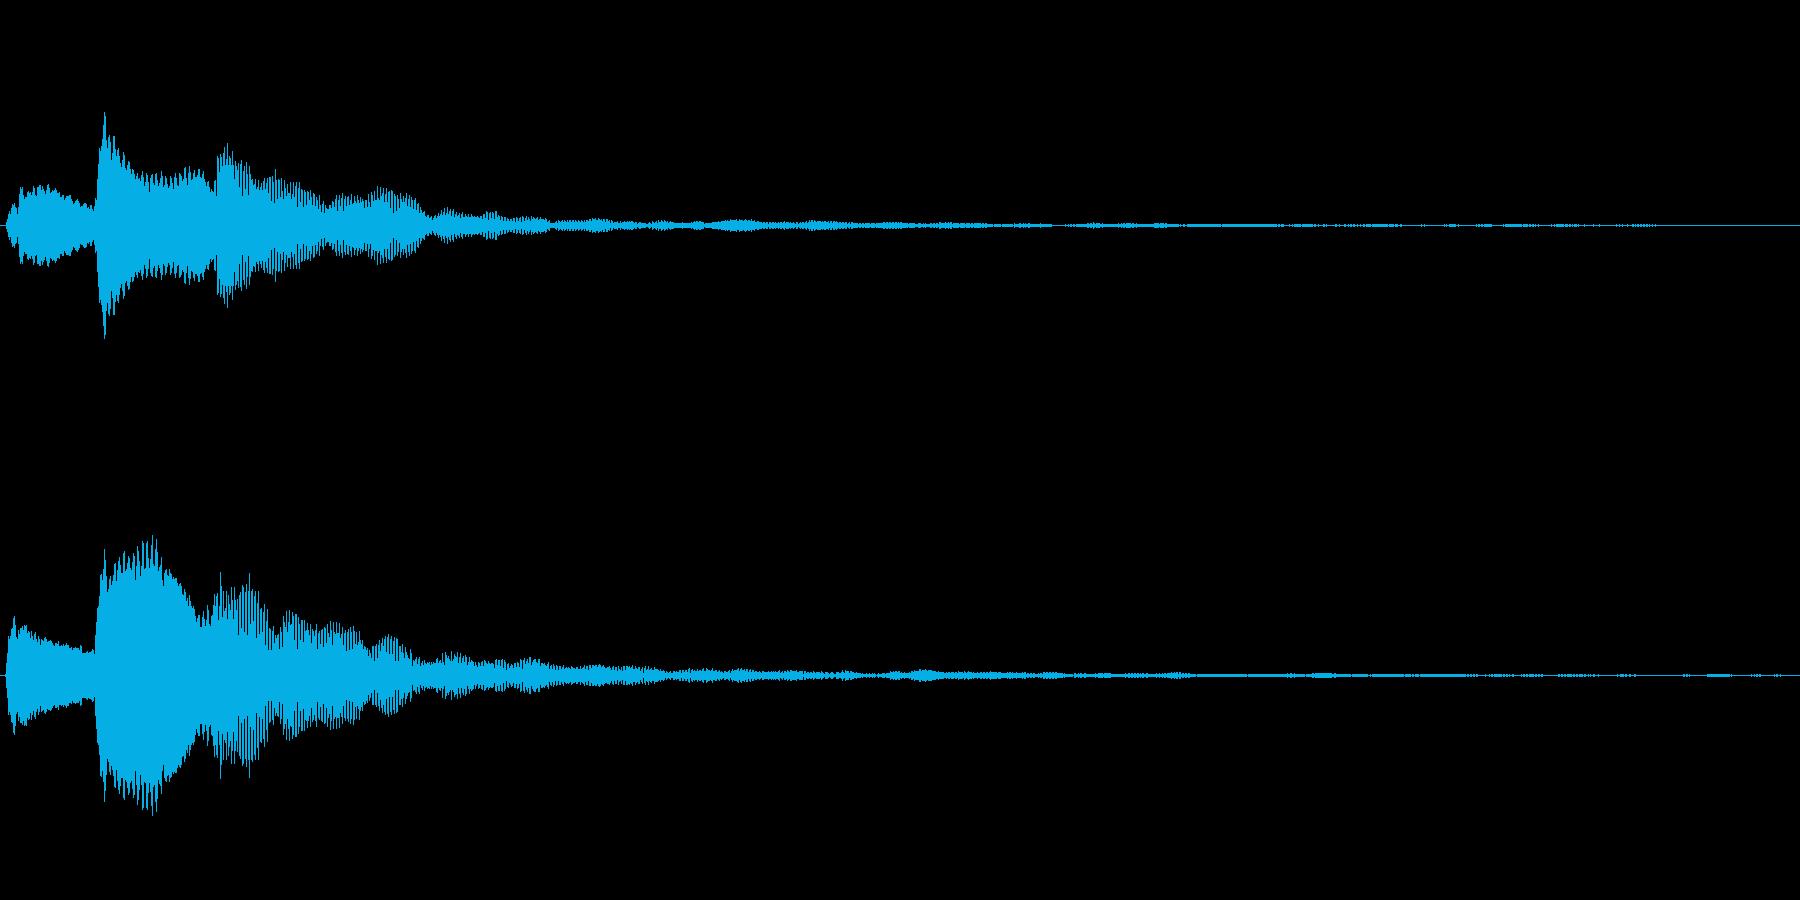 ぴこりーん キャンセル音の再生済みの波形